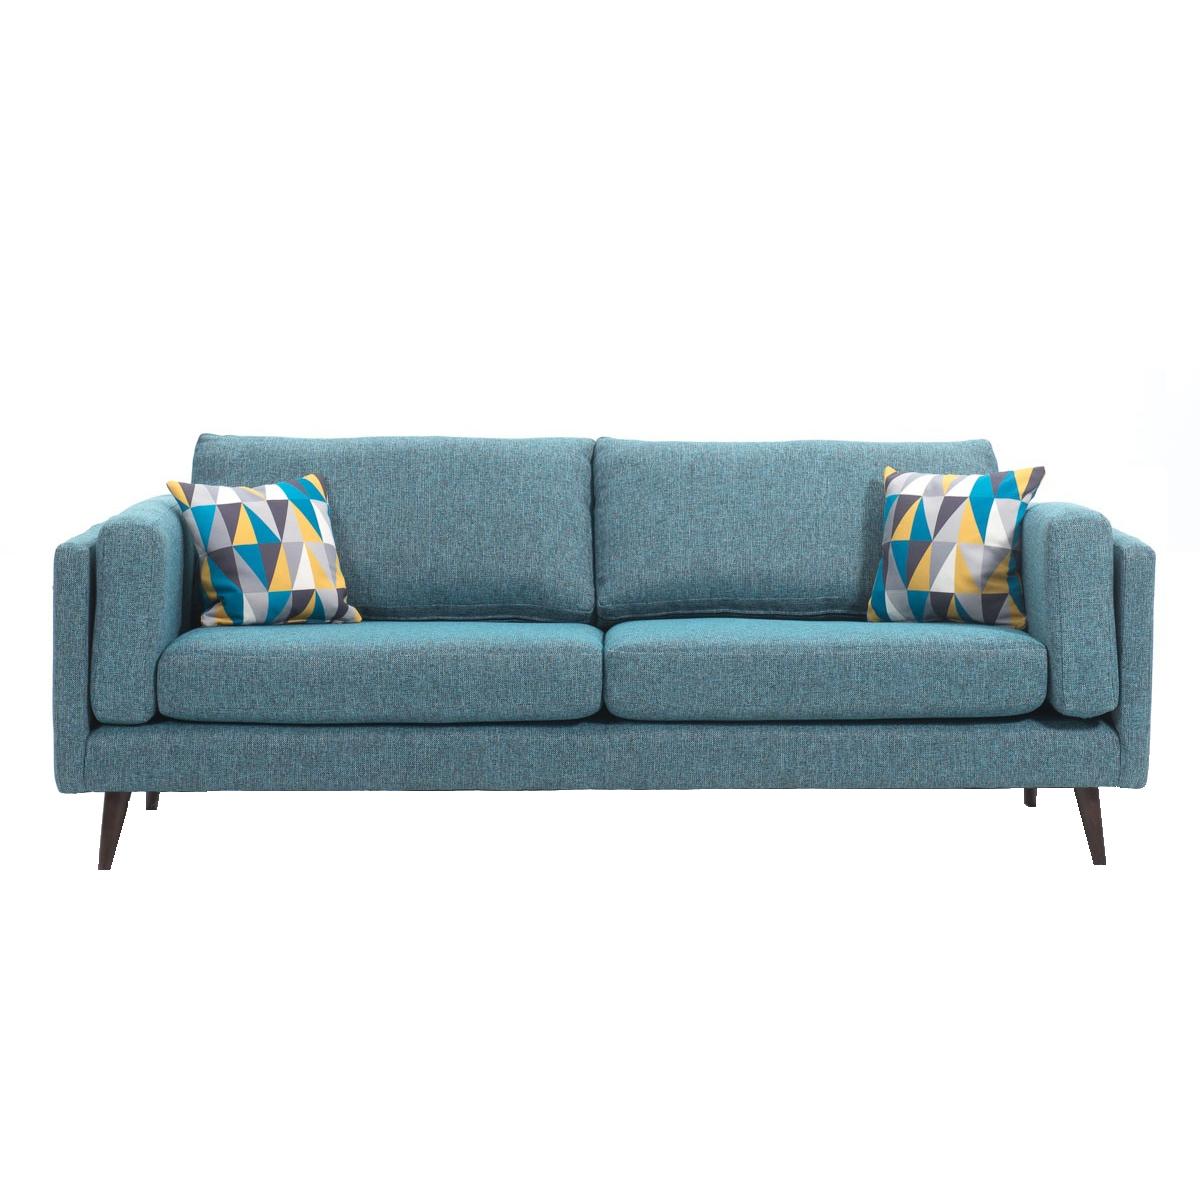 Bentham Extra Large Sofa